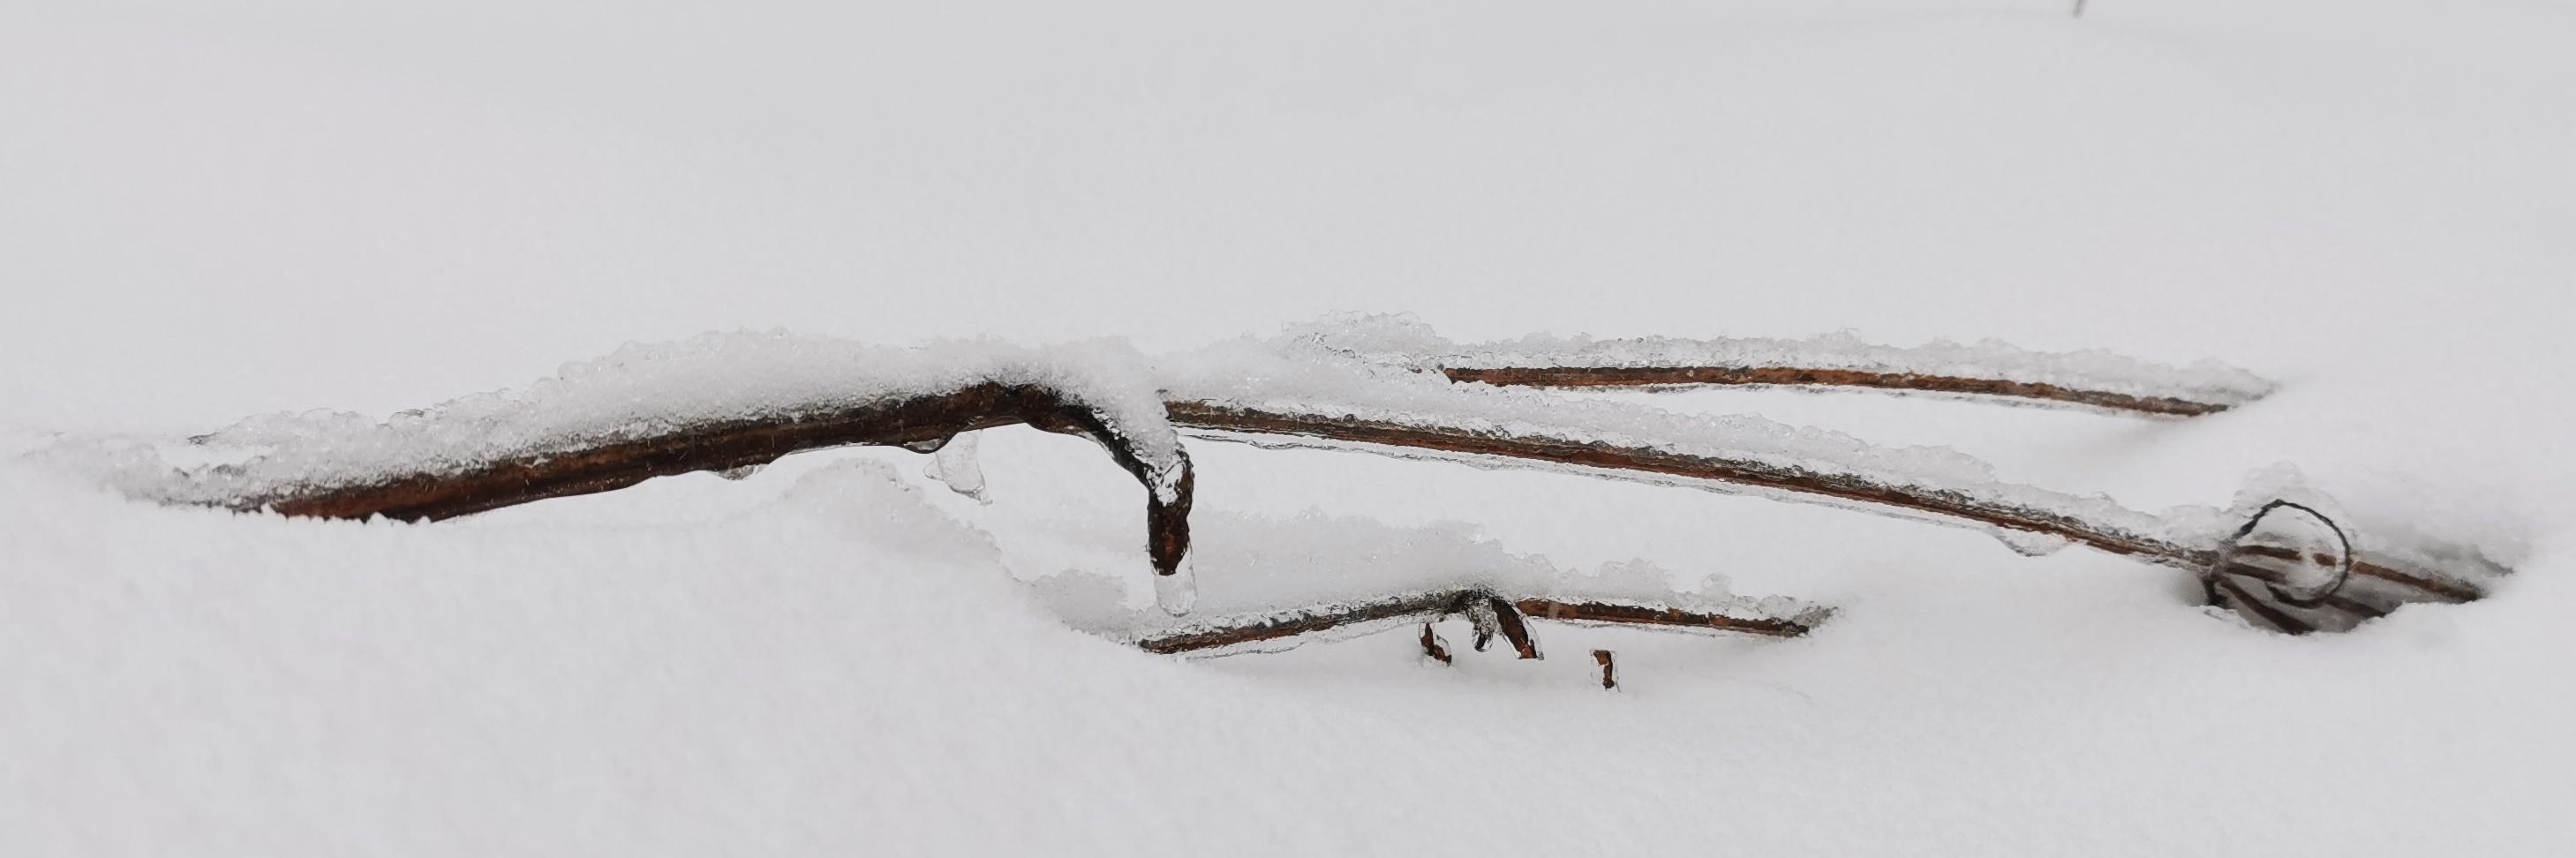 陕西终南山看春雪